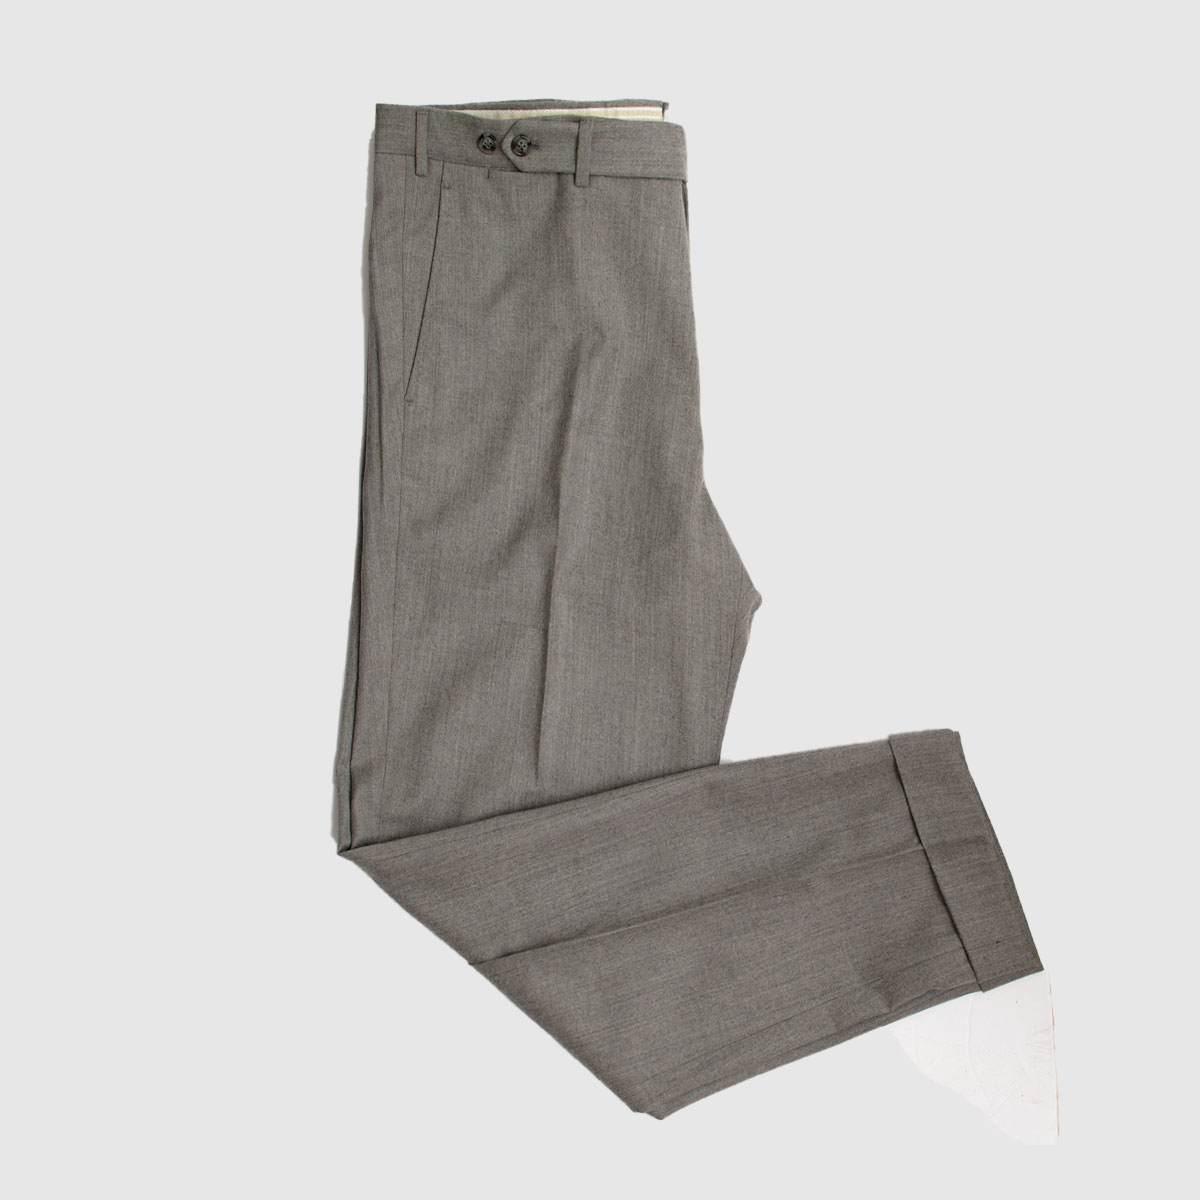 Pantalone single pience in 100% lana grigia